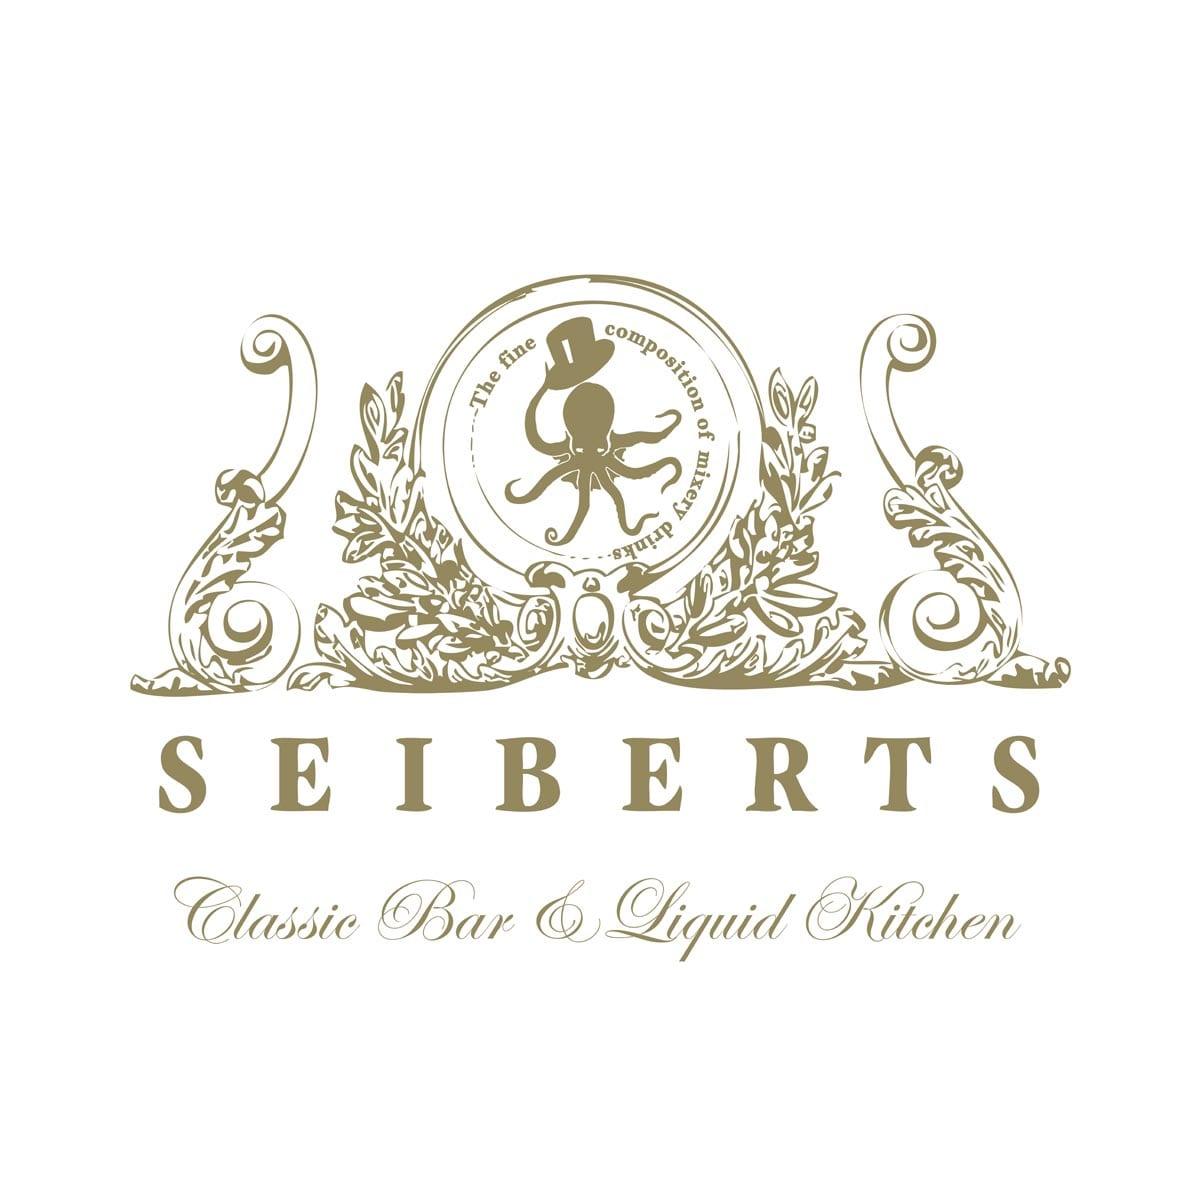 Seiberts Cocktailbar sucht Bartender (m/w/d)